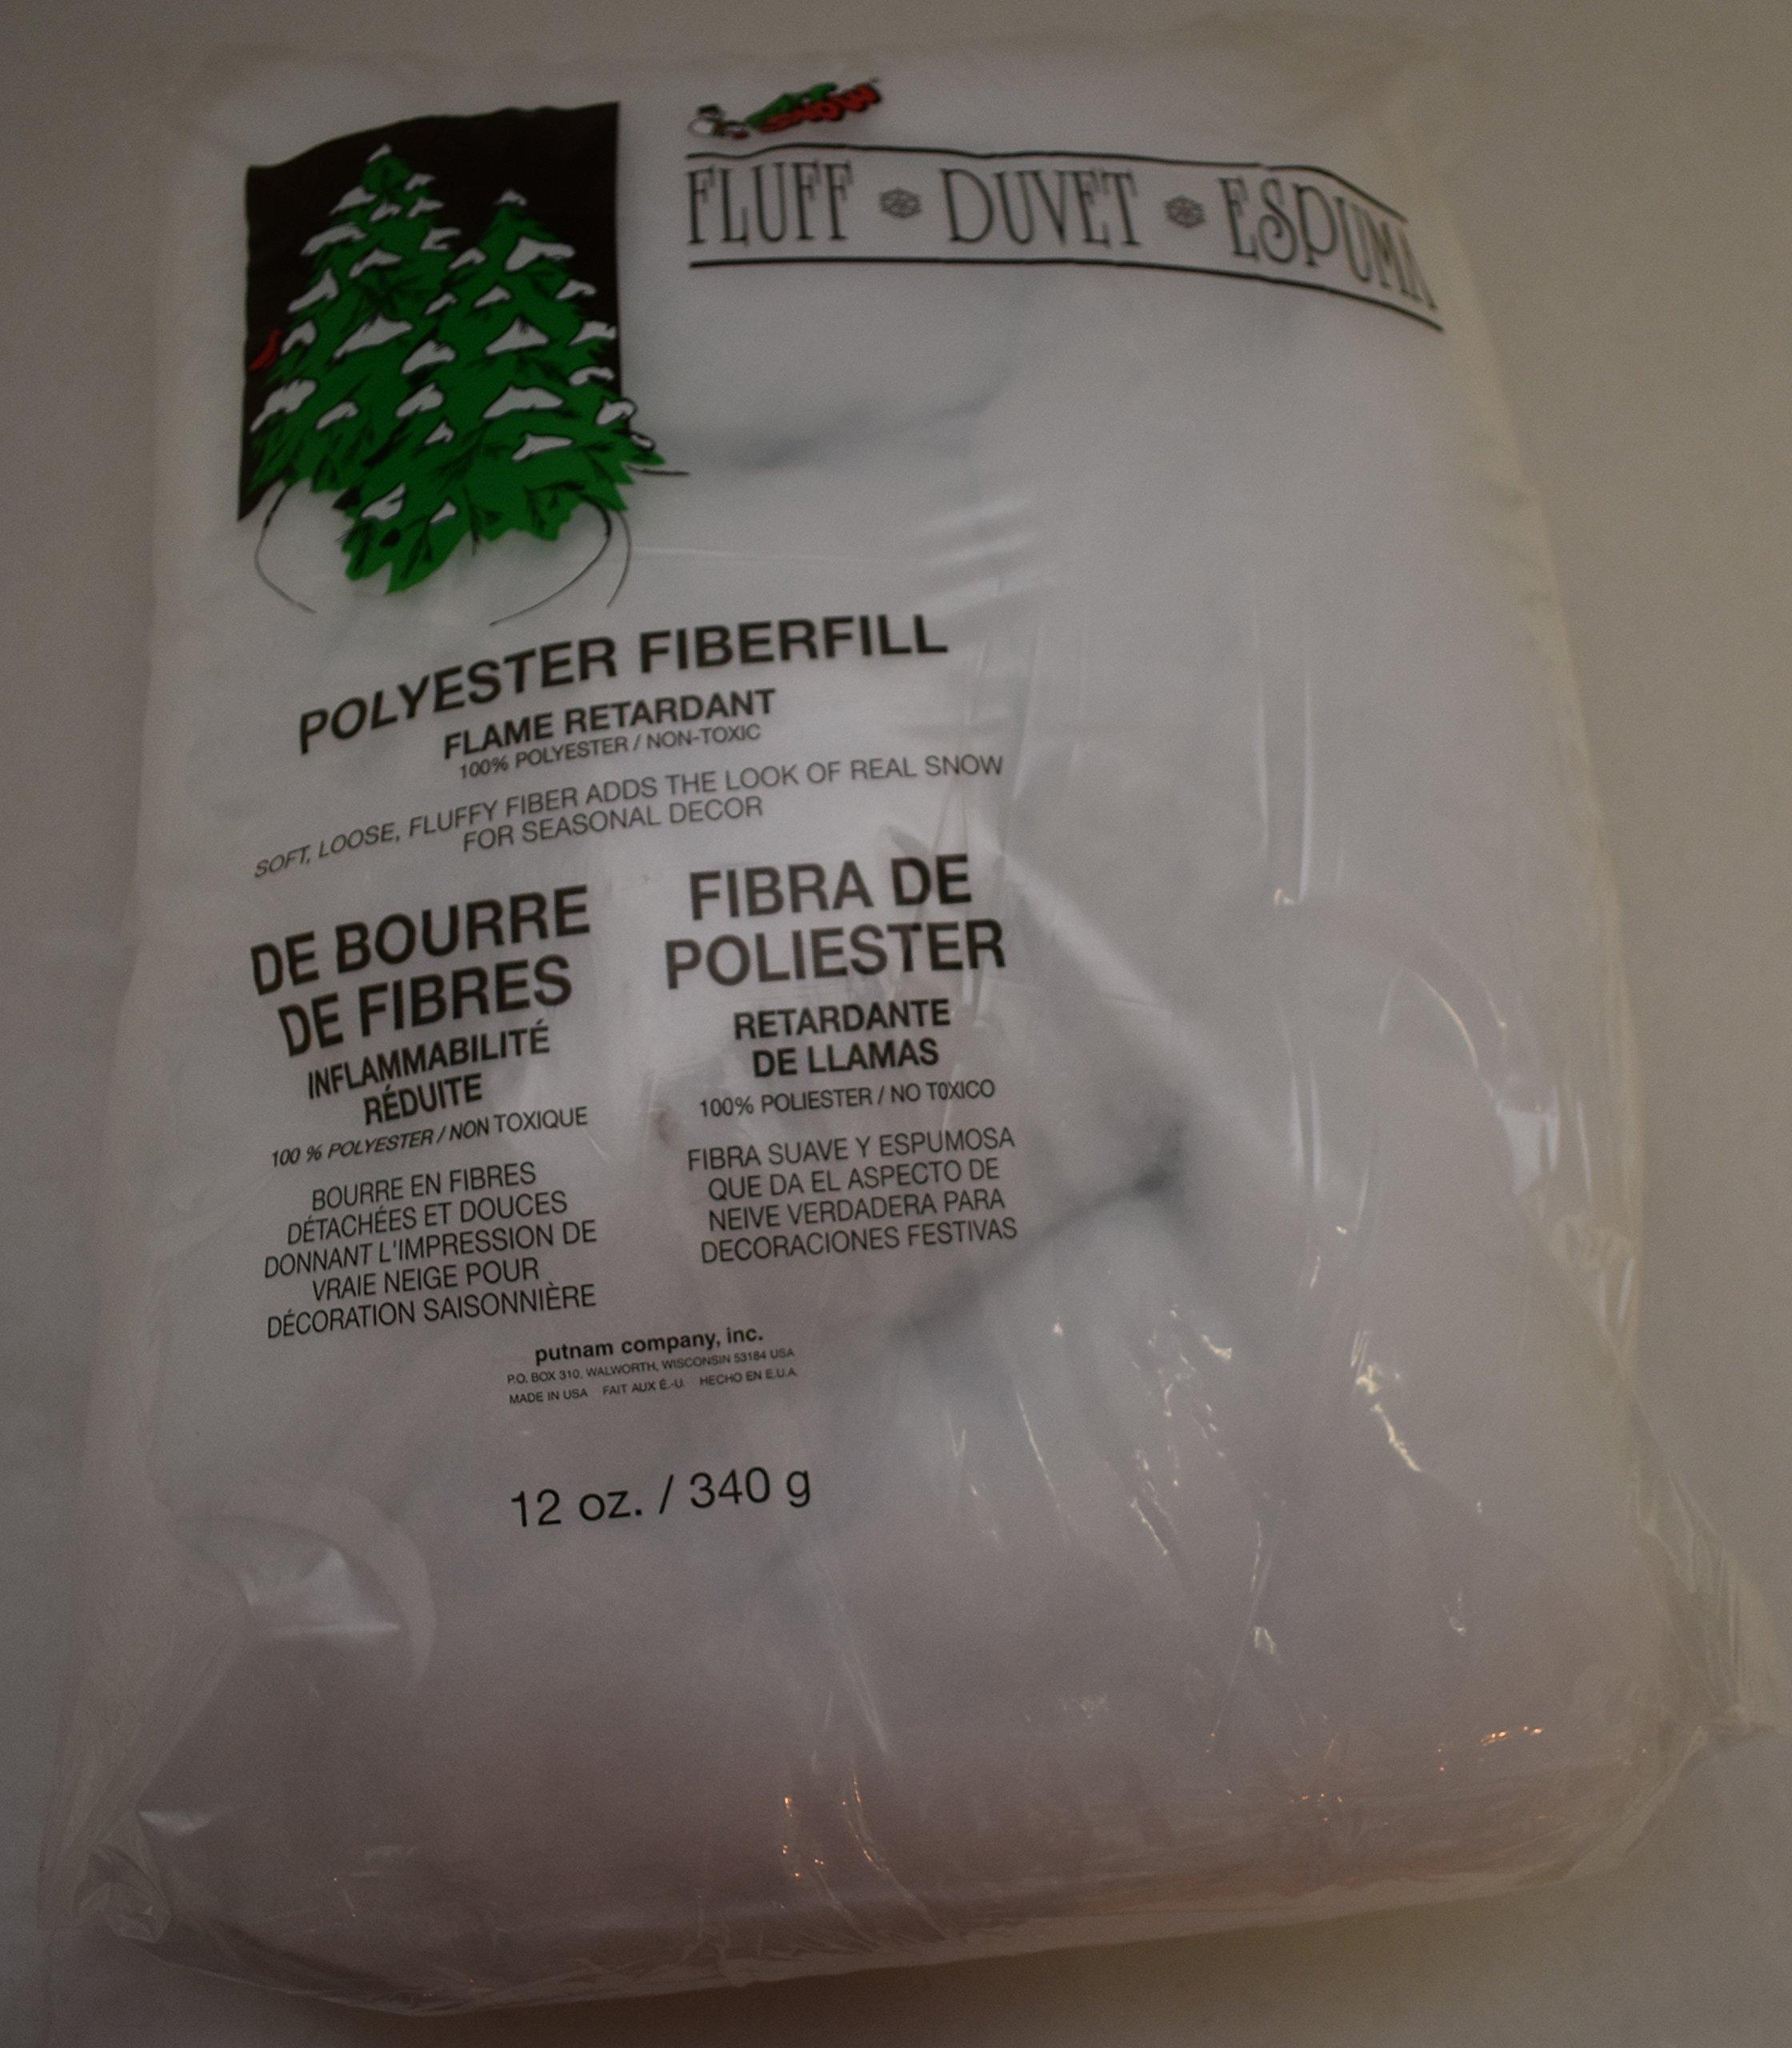 Soft Snow Fluff Duvet Espuma Artificial Snow